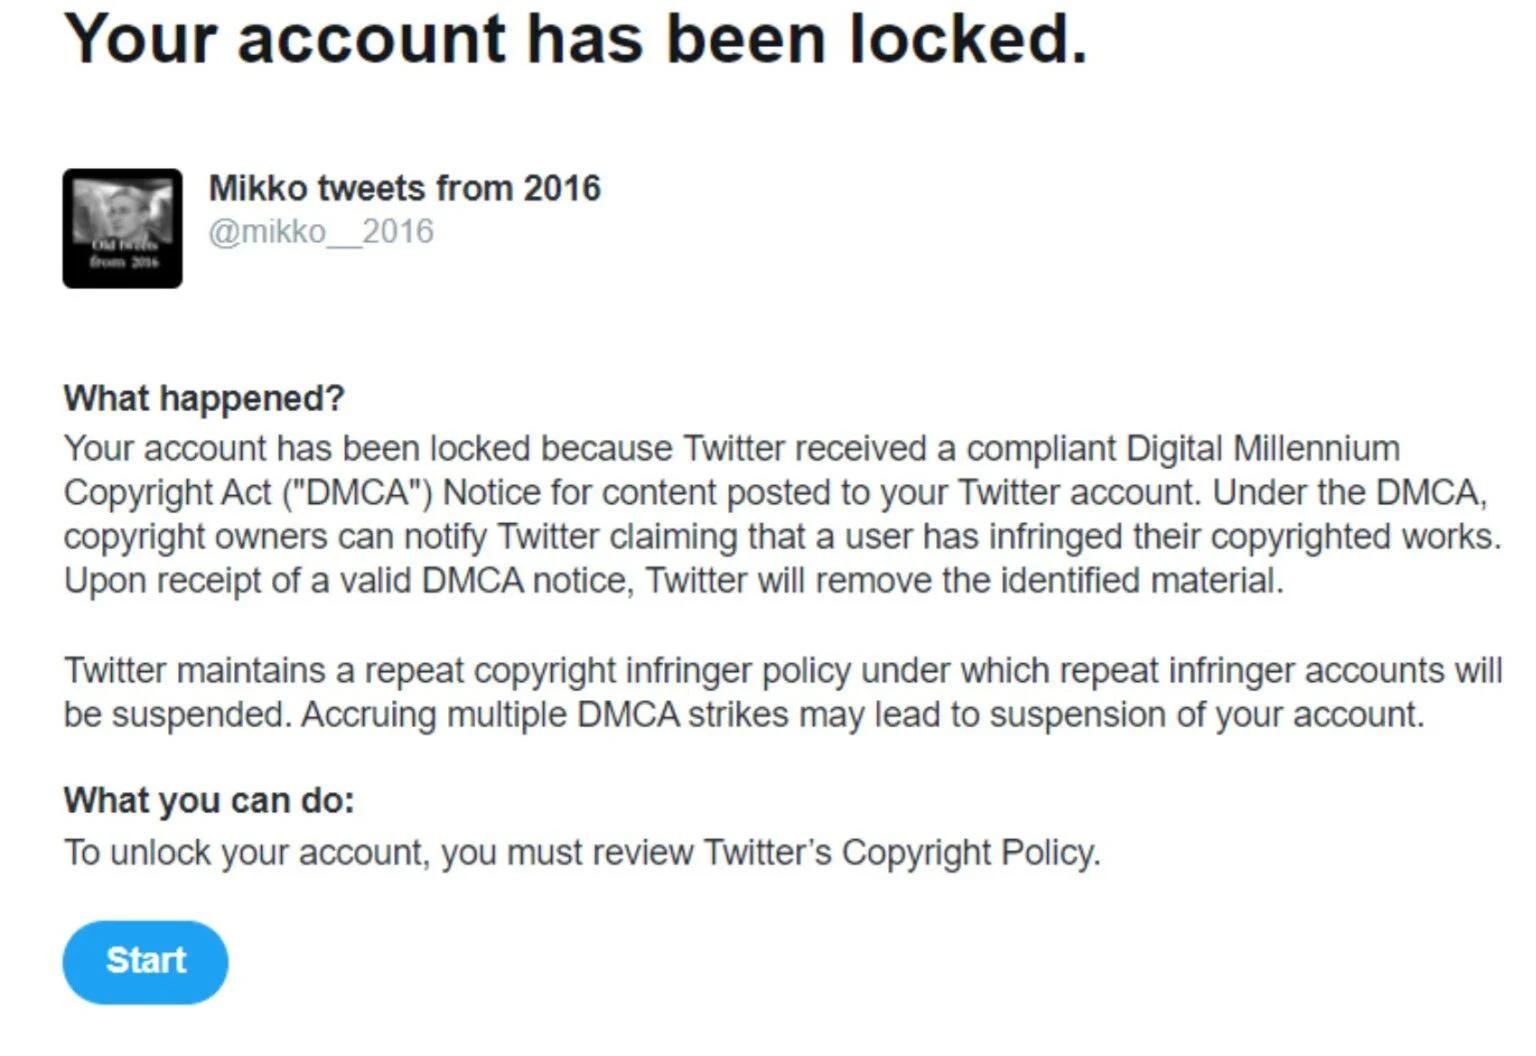 Mensagem enviada à Mikko por supostamente oferecer software pirata, infringindo leis de direitos autorais. Foto: TorrentFreak.